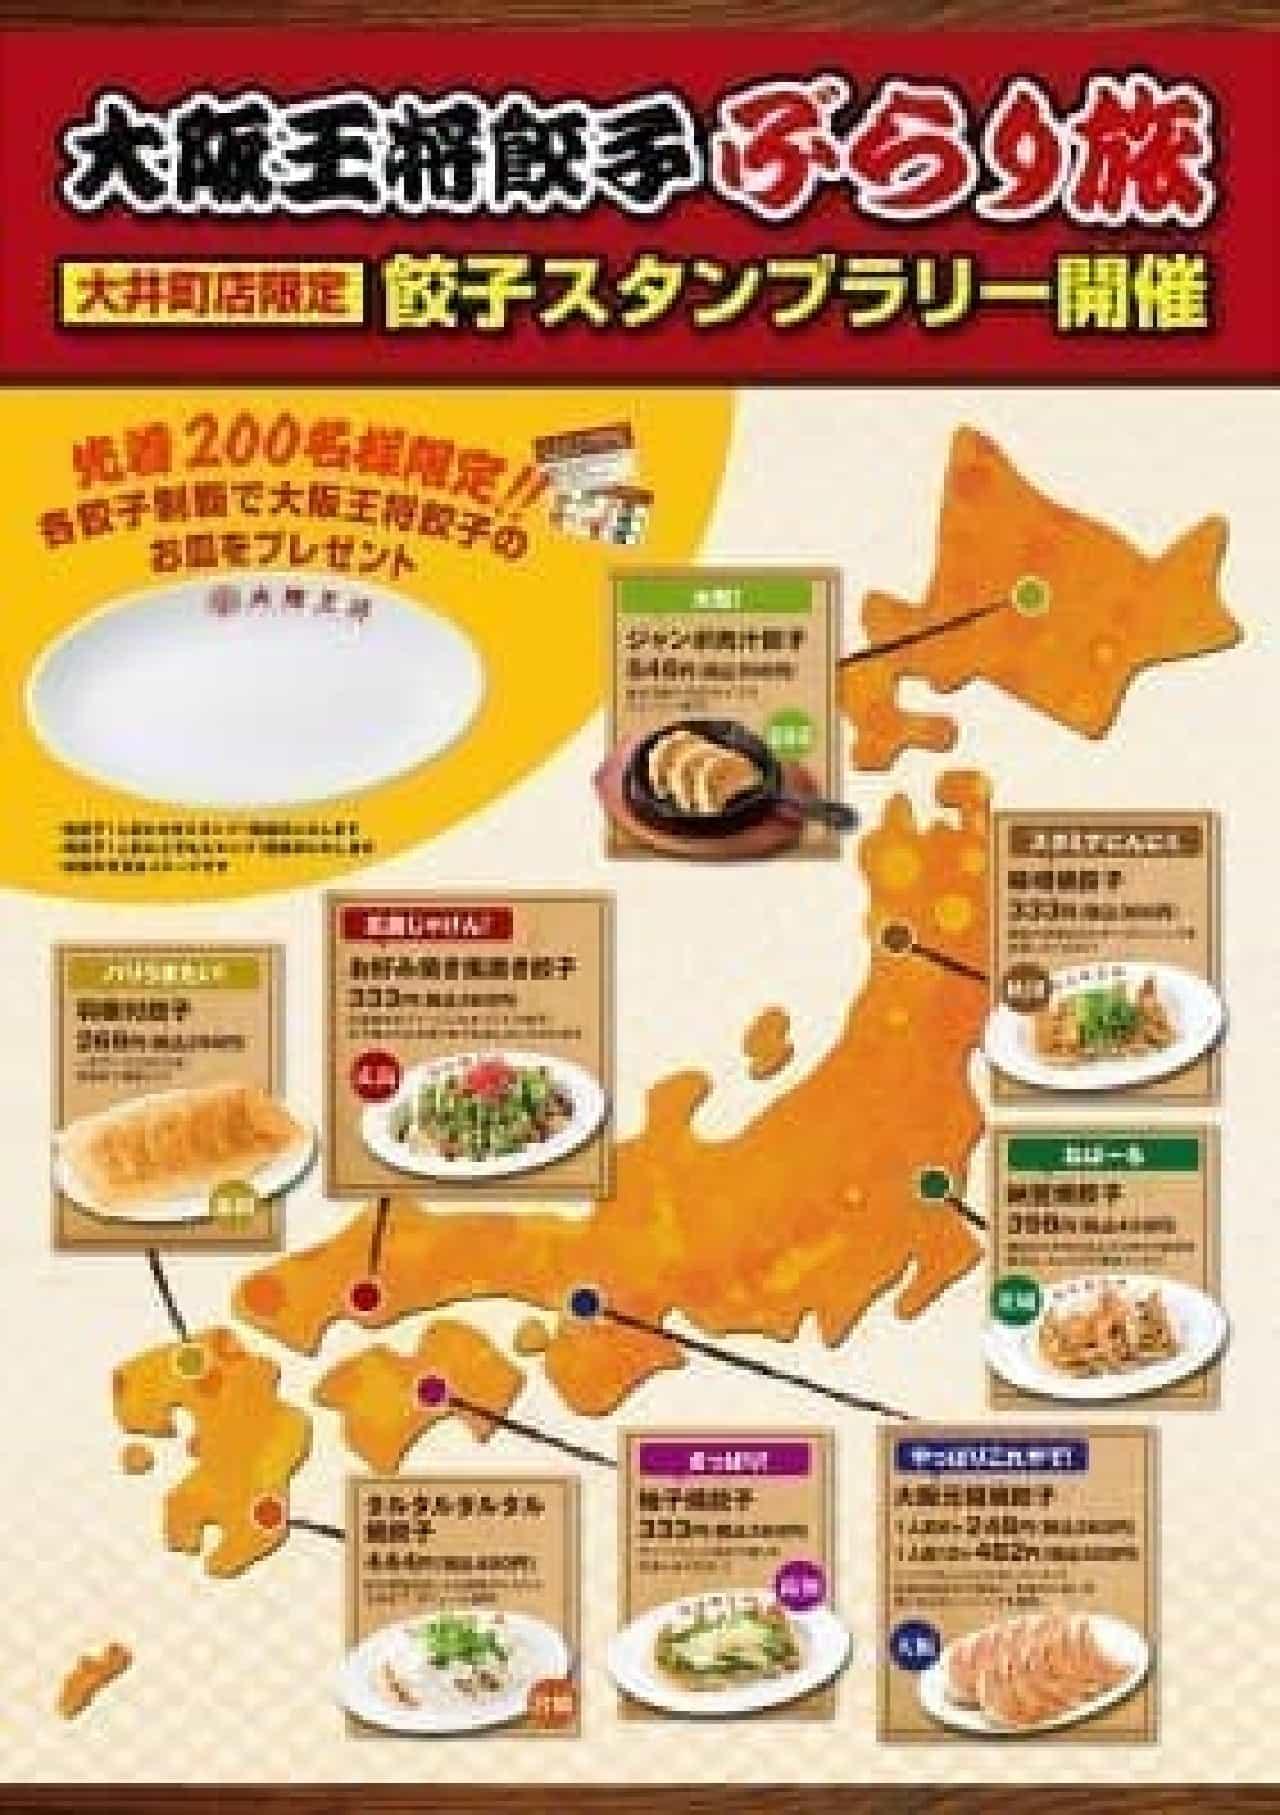 大阪王将 餃子ぶらり旅スタンプラリー